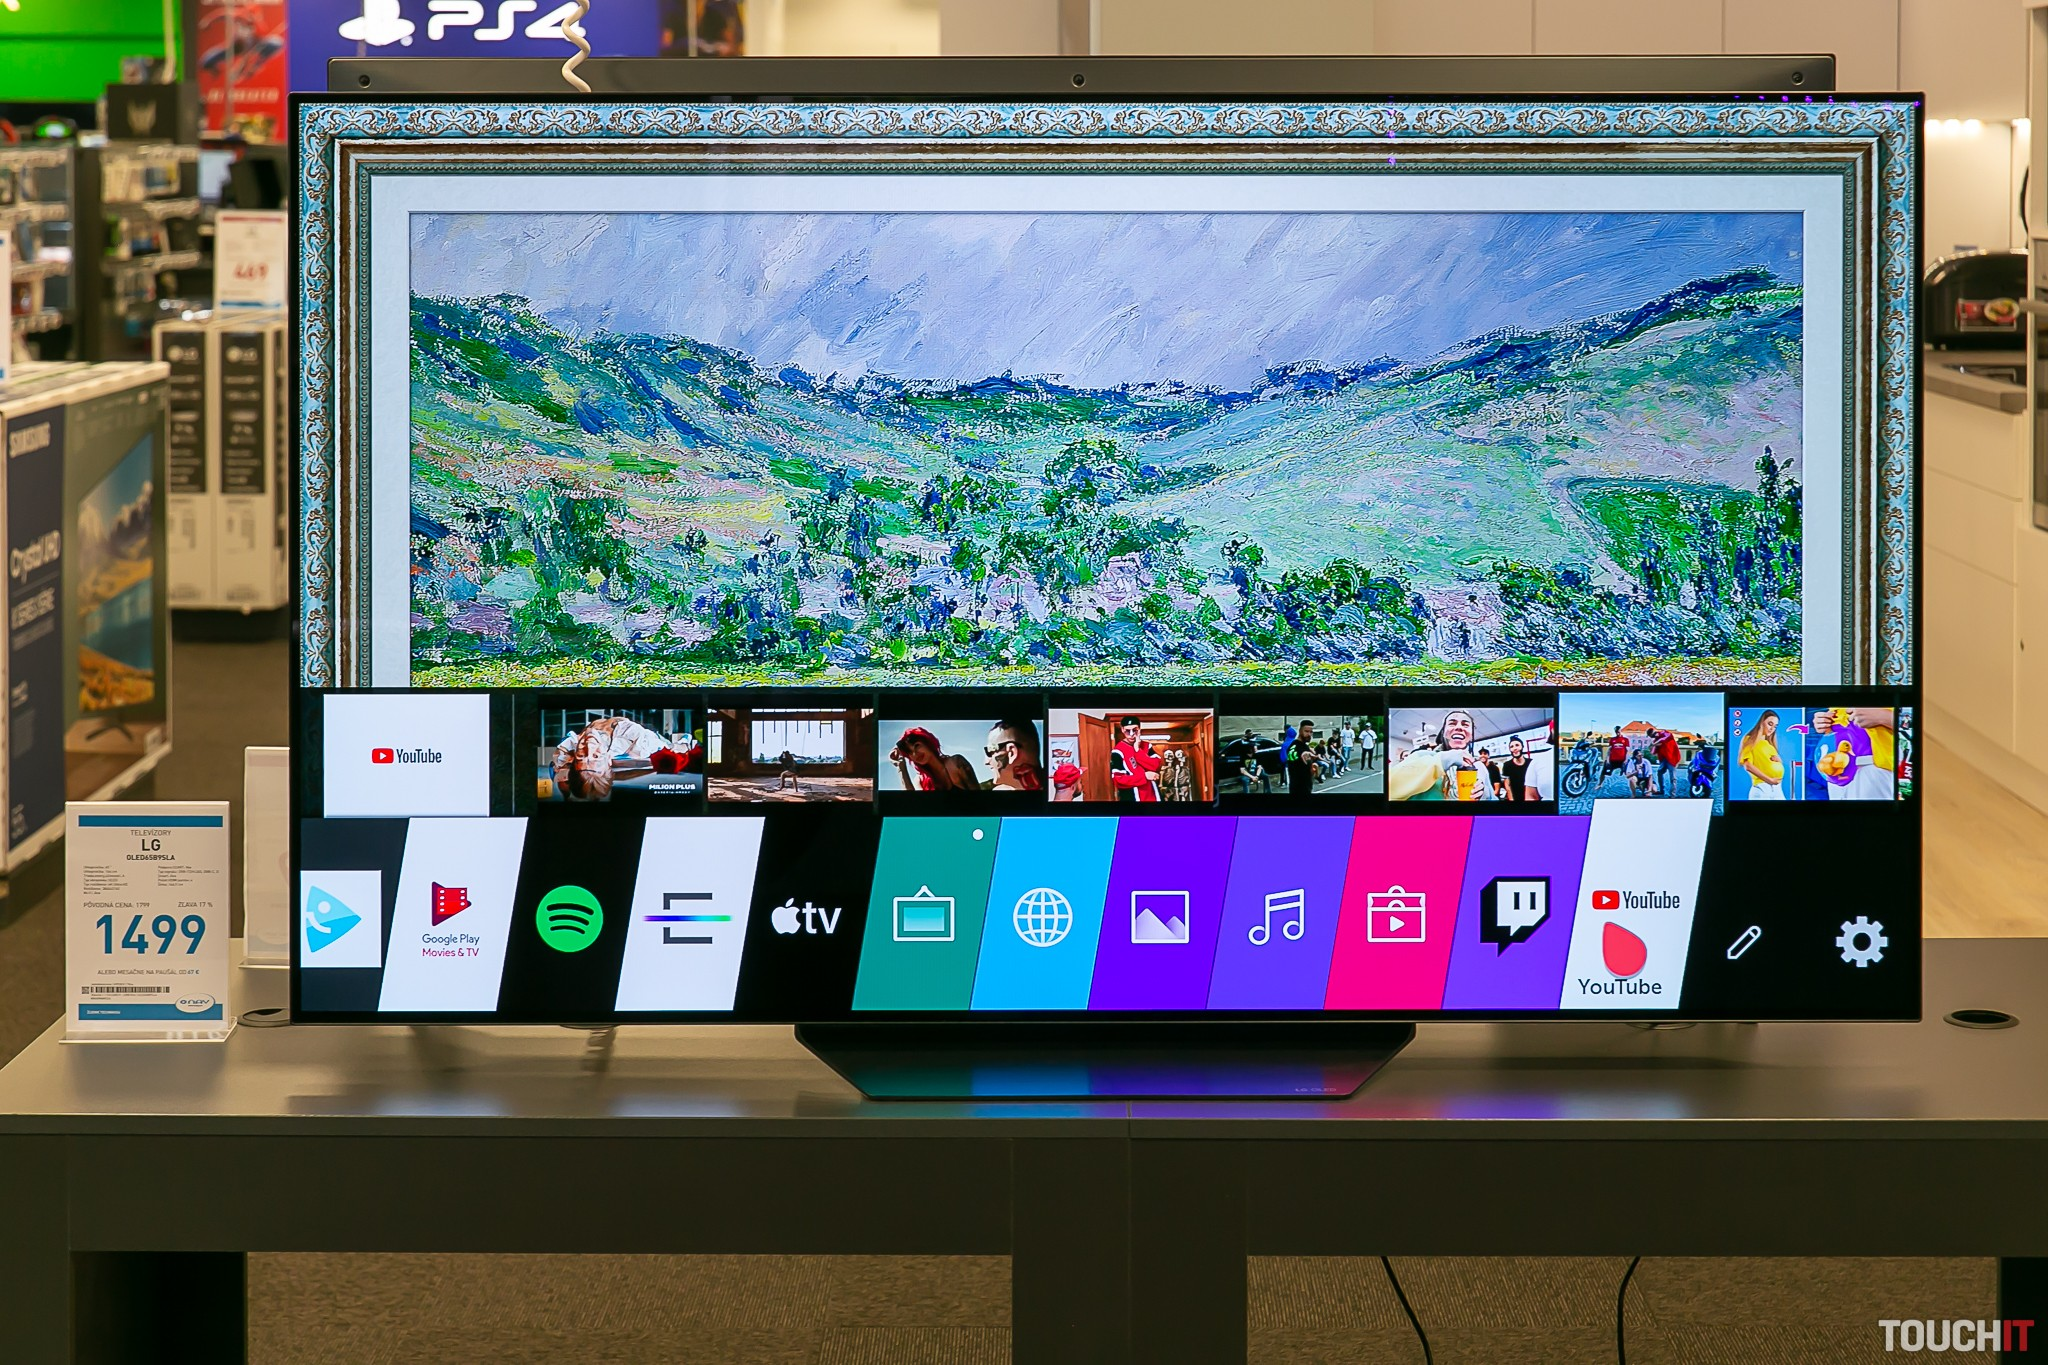 Galéria obrazov na LG televízore